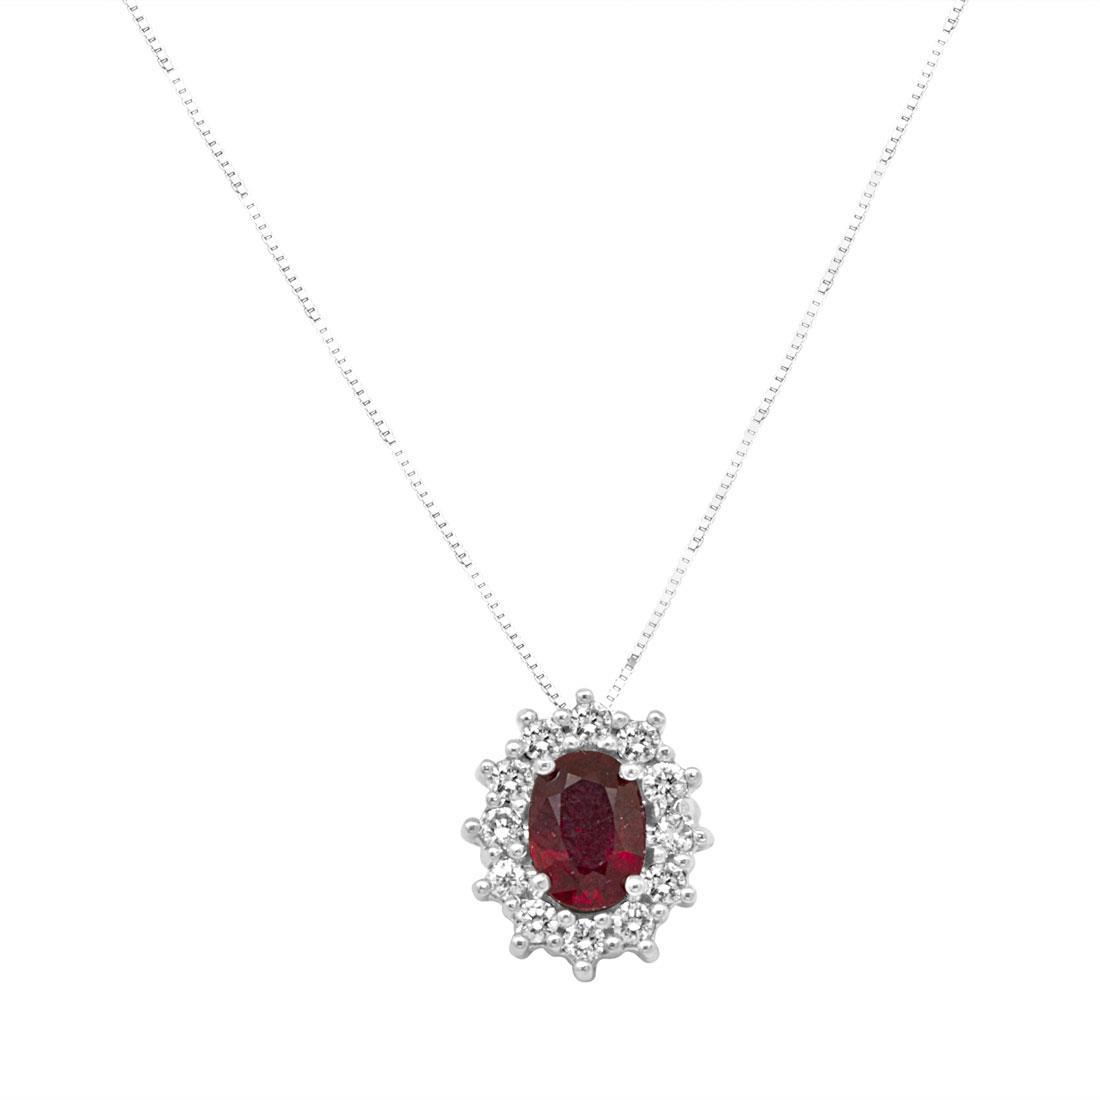 Collana in oro bianco e pendente 13mm con rubino ct 1,00 e diamanti ct 0.36, lunghezza 42cm - ORO&CO